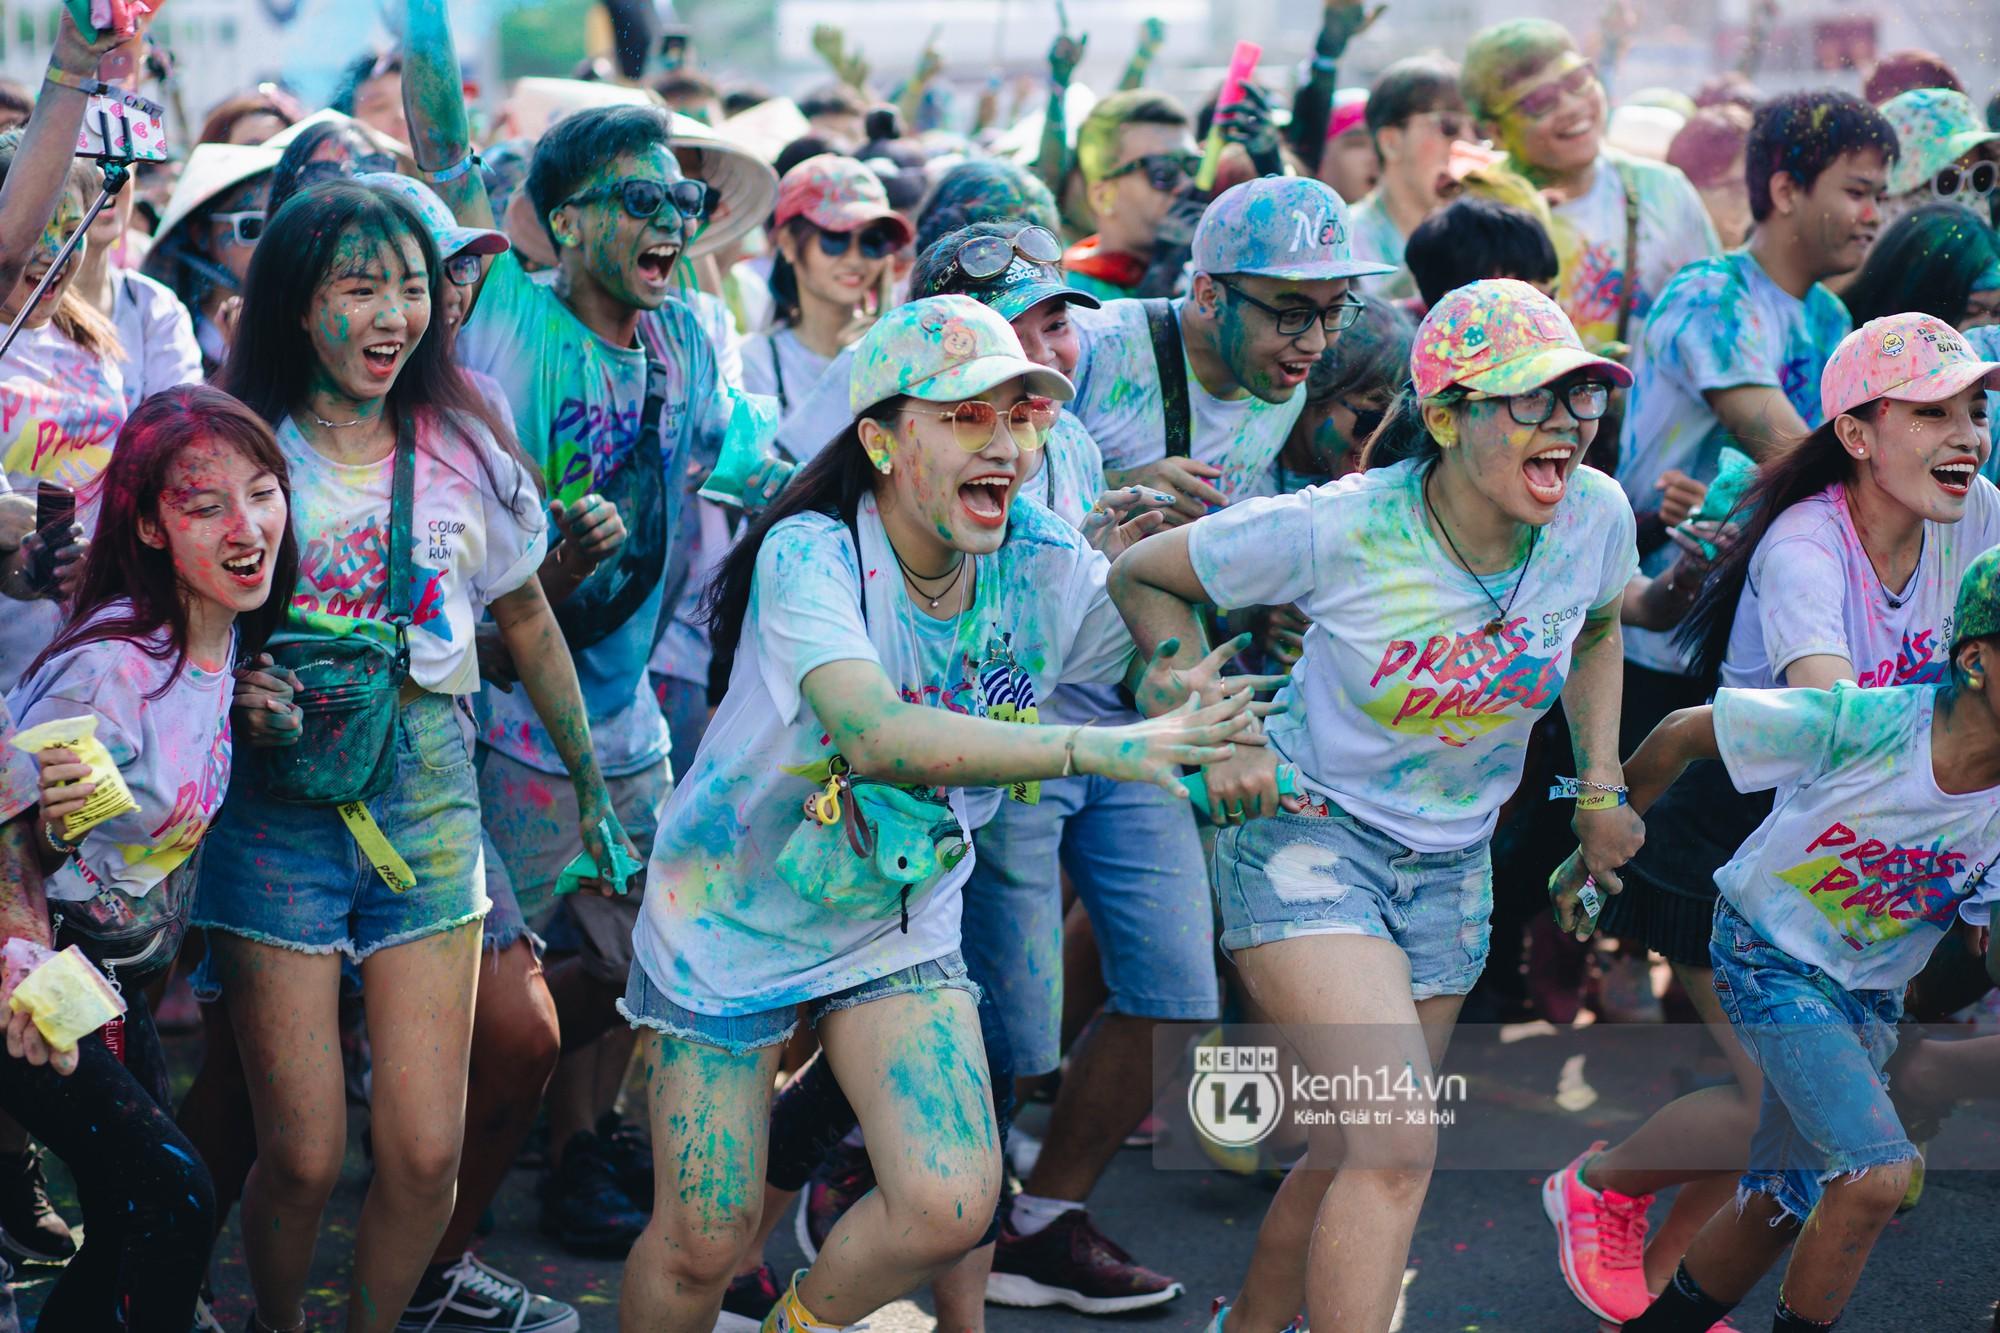 Color Me Run 2019: Hàng nghìn người đổ xuống khắp mọi nẻo đường, quẩy tưng bừng trong sự kiện lớn nhất năm - Ảnh 3.